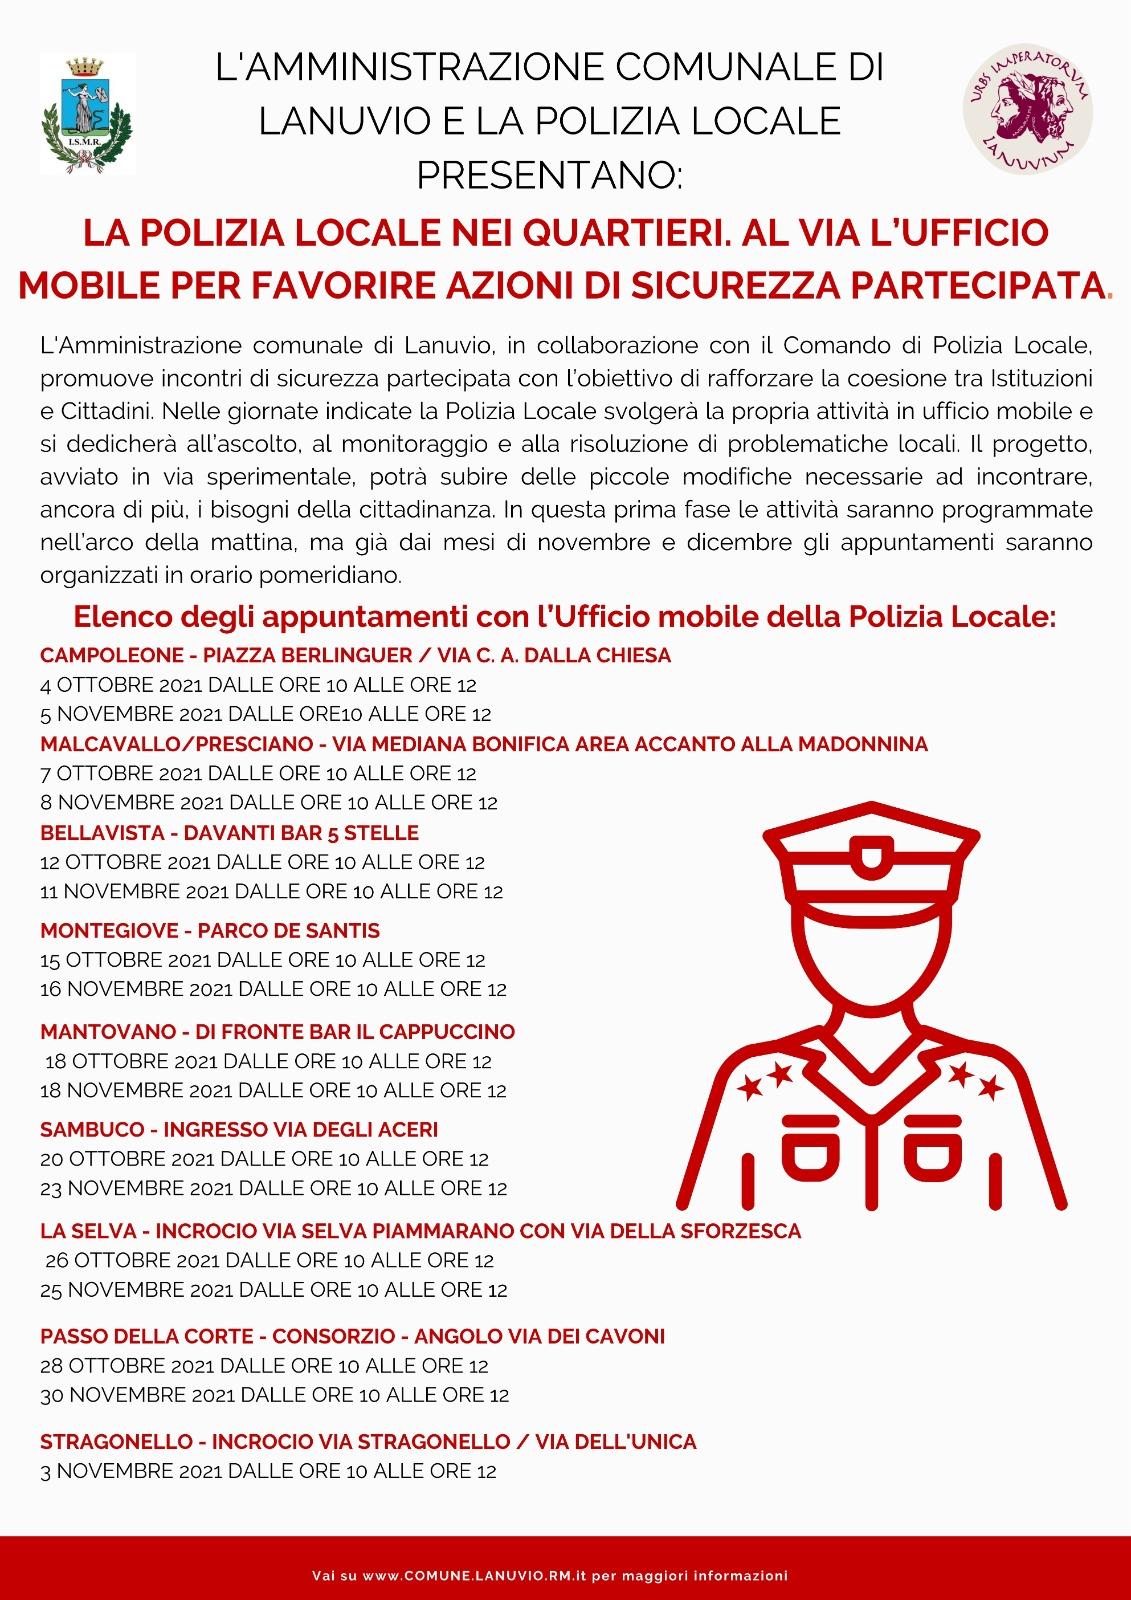 LANUVIO, LA POLIZIA LOCALE NEI QUARTIERI. AL VIA L'UFFICIO MOBILE PER FAVORIRE AZIONI DI SICUREZZA PARTECIPATA